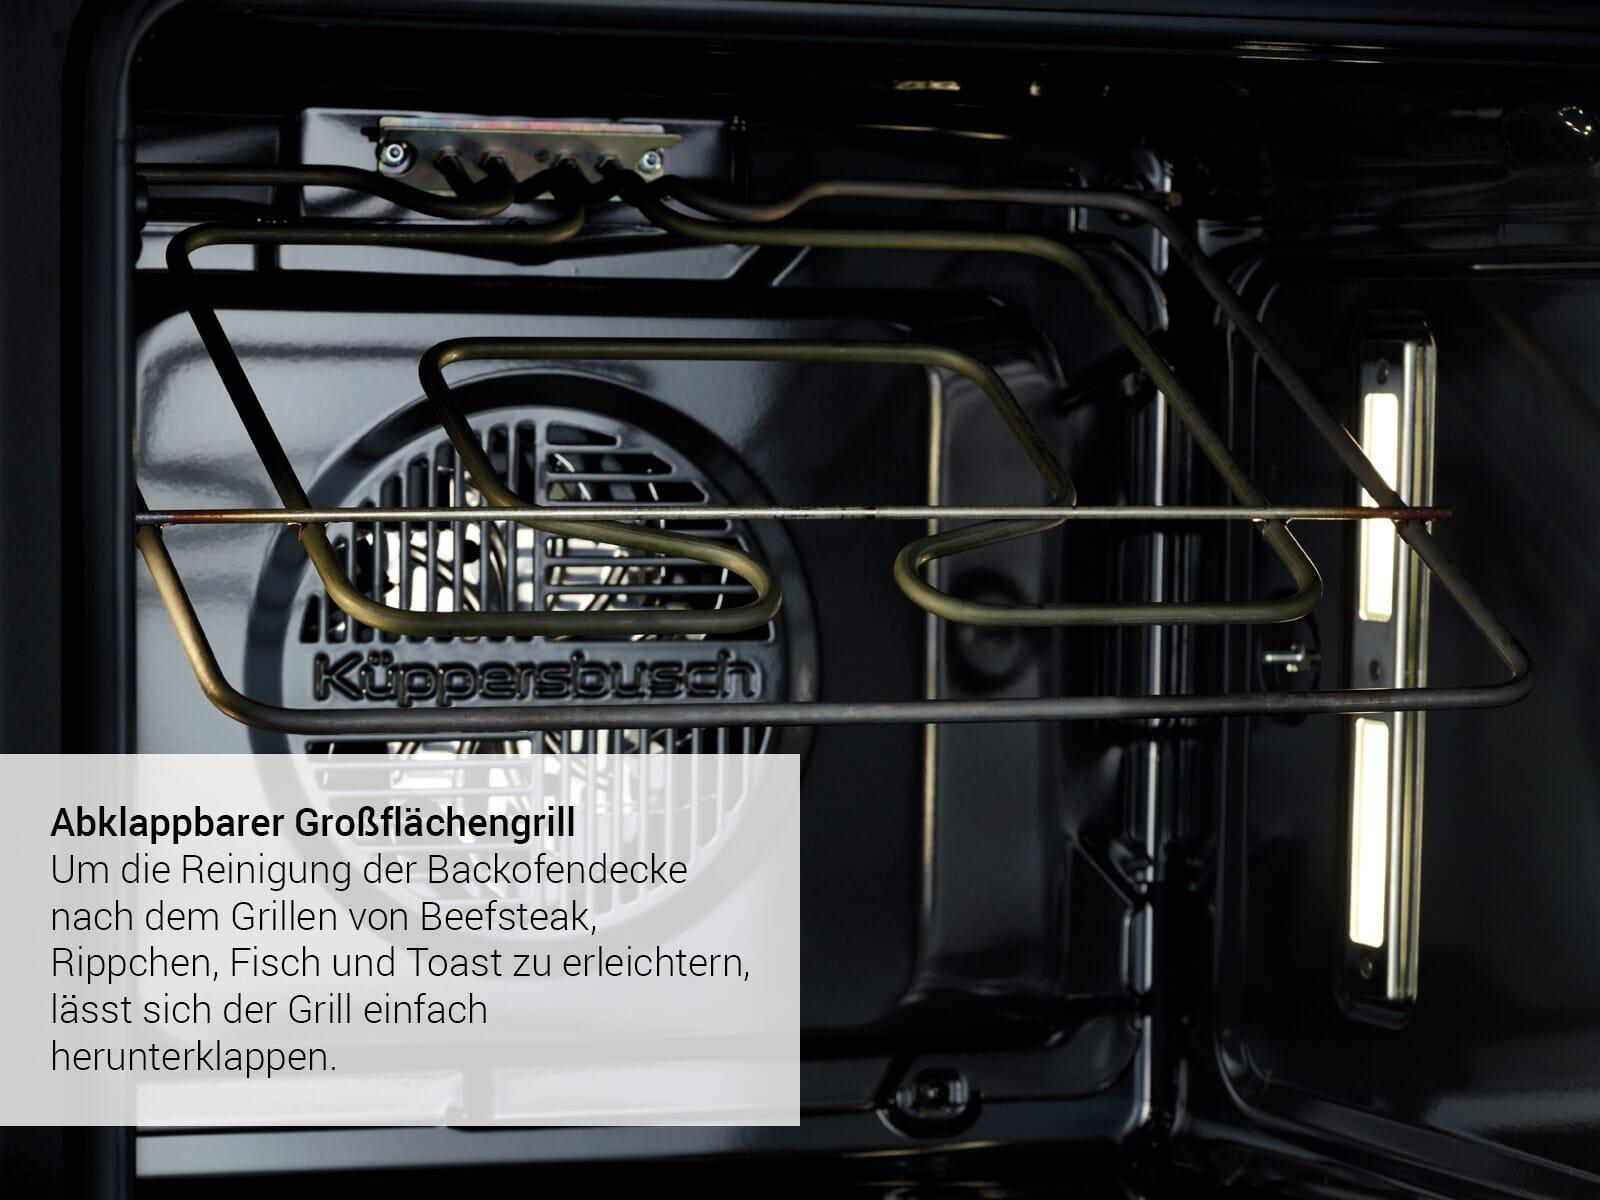 Küppersbusch B 6550.0 S5 Premium+ Backofen Schwarz/Black Velvet